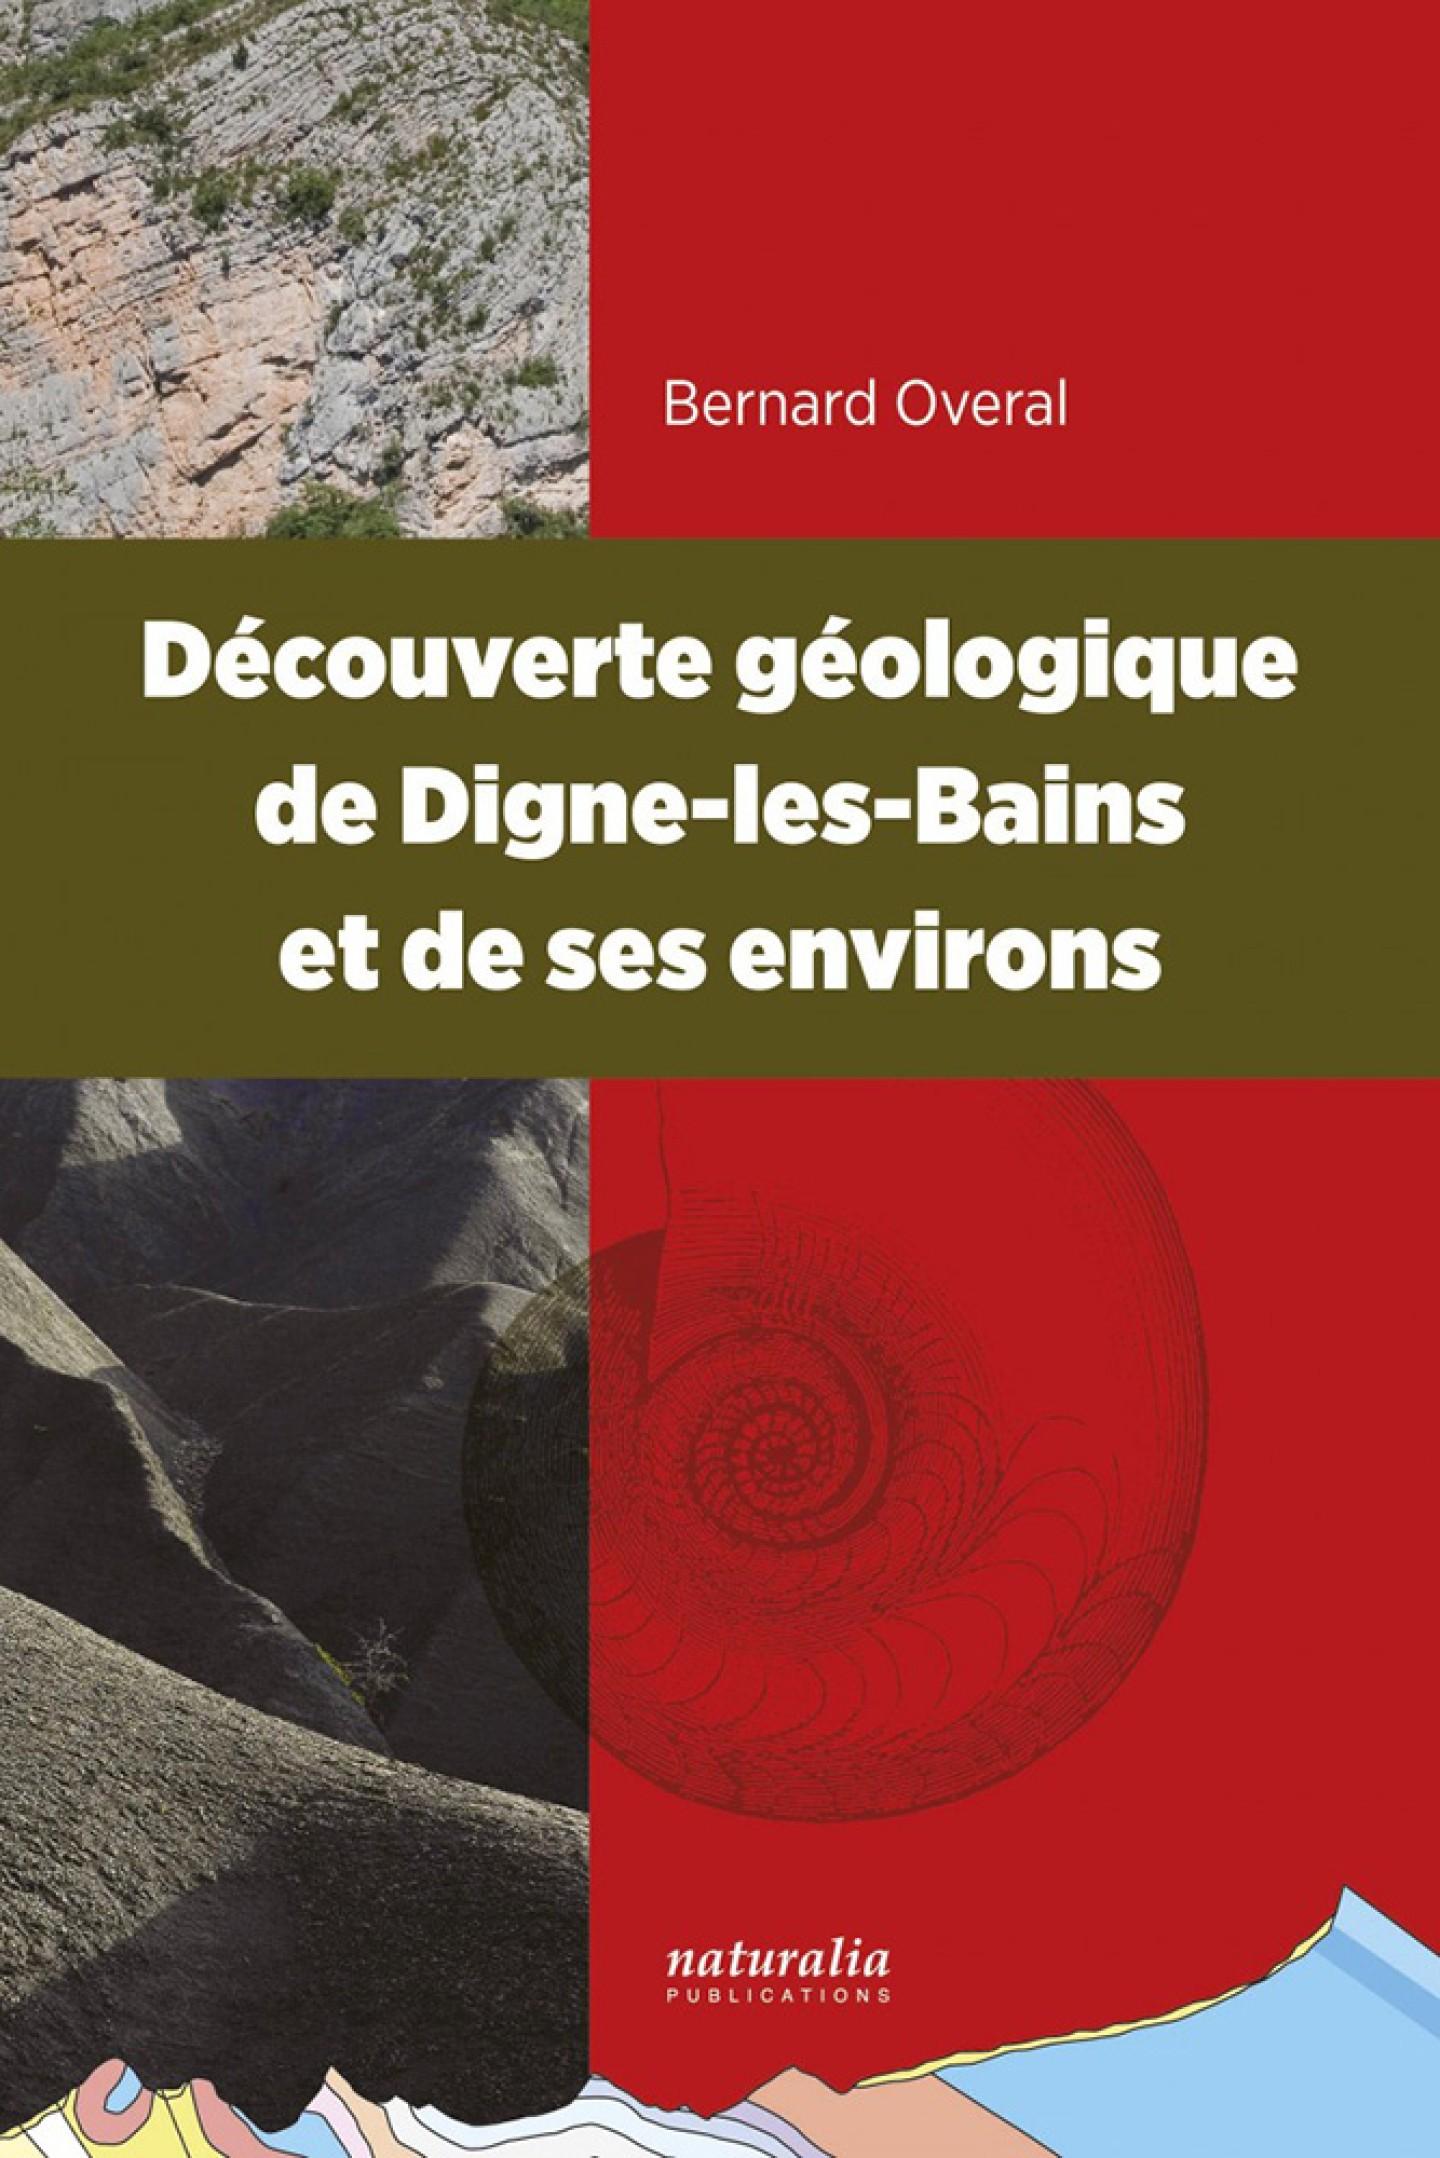 Découverte géologique de Digne-les-Bains et de ses environs de Bernard Overal